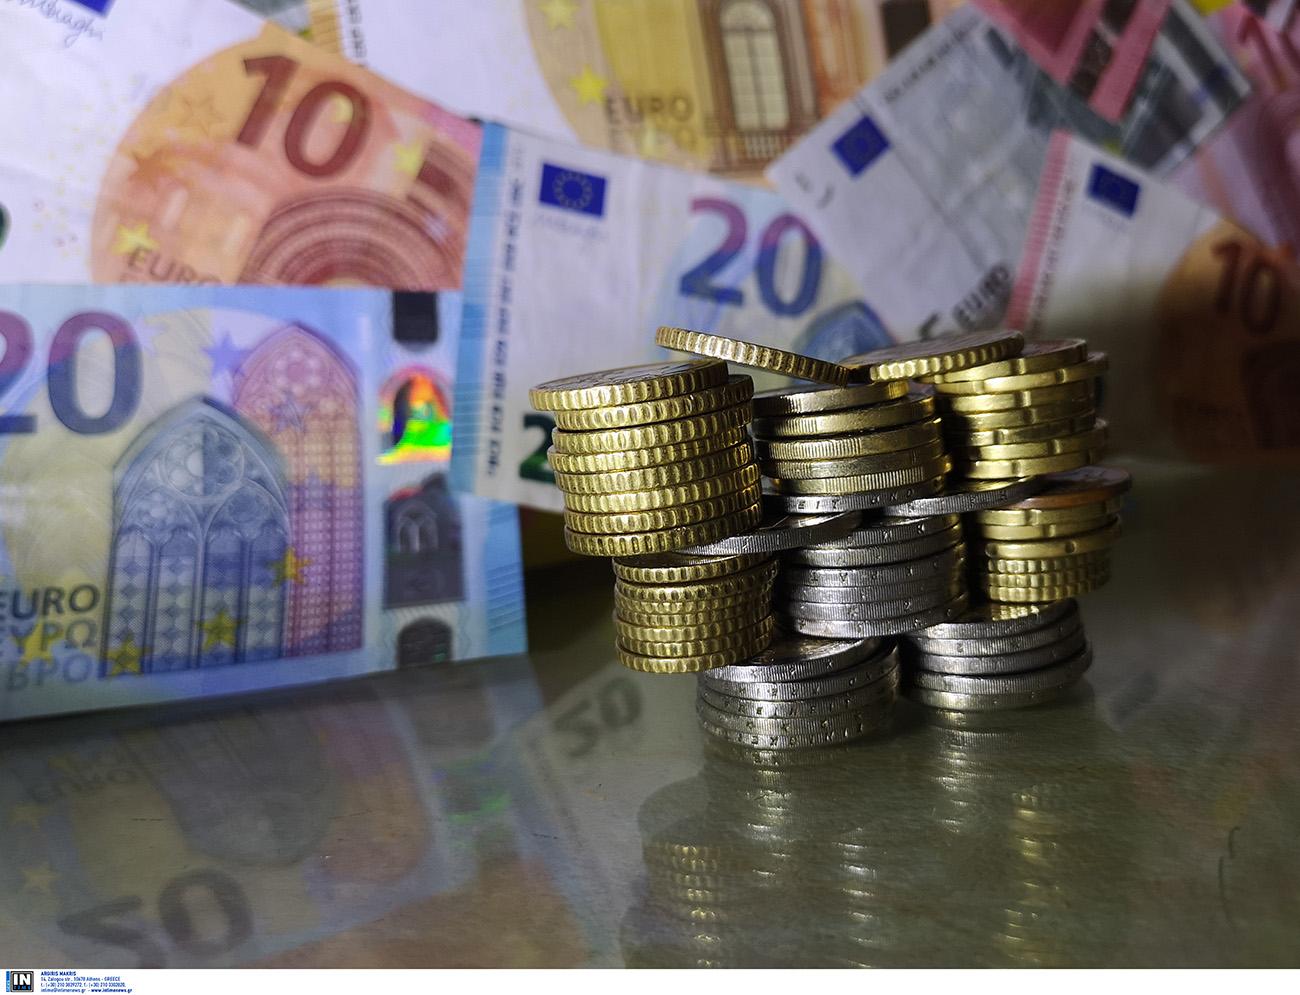 Συντάξεις Ιουνίου 2021: Οι ημερομηνίες – Πότε τις καταβάλλει κάθε Ταμείο